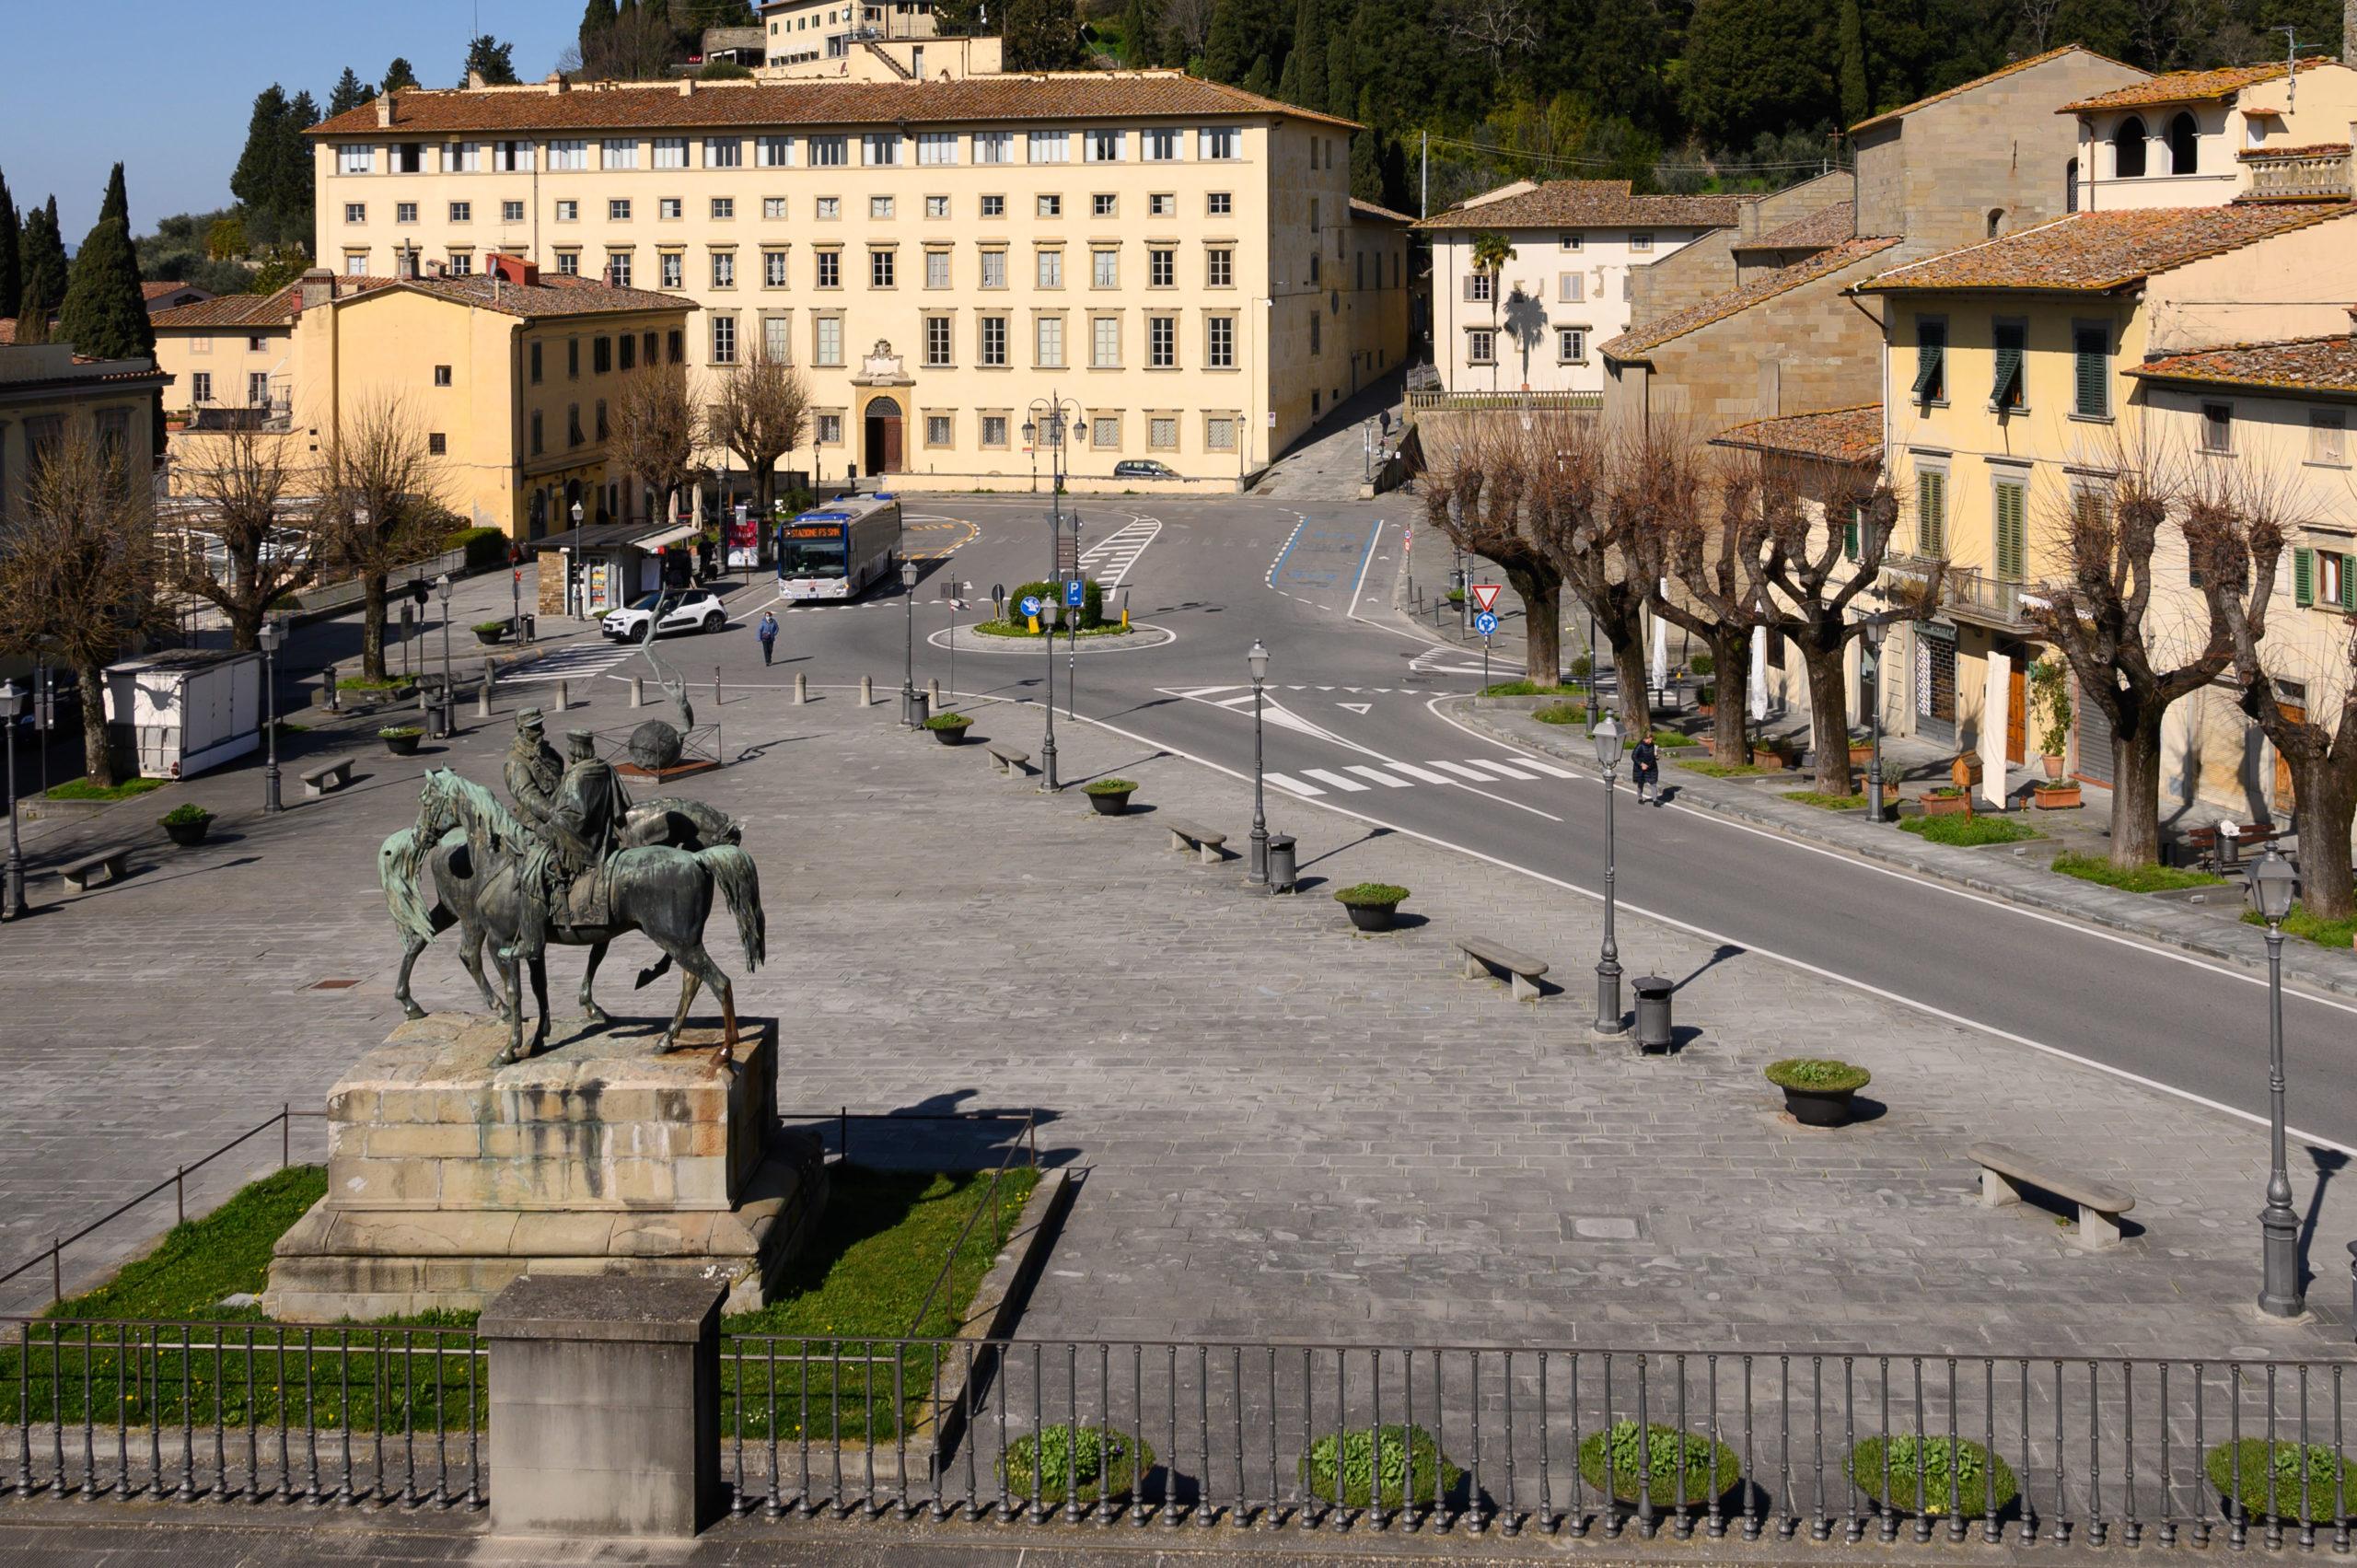 Regione Toscana: le regole per gli spostamenti fra Comuni. I circoli possono fare asporto e consegne a domicilio per i propri soci